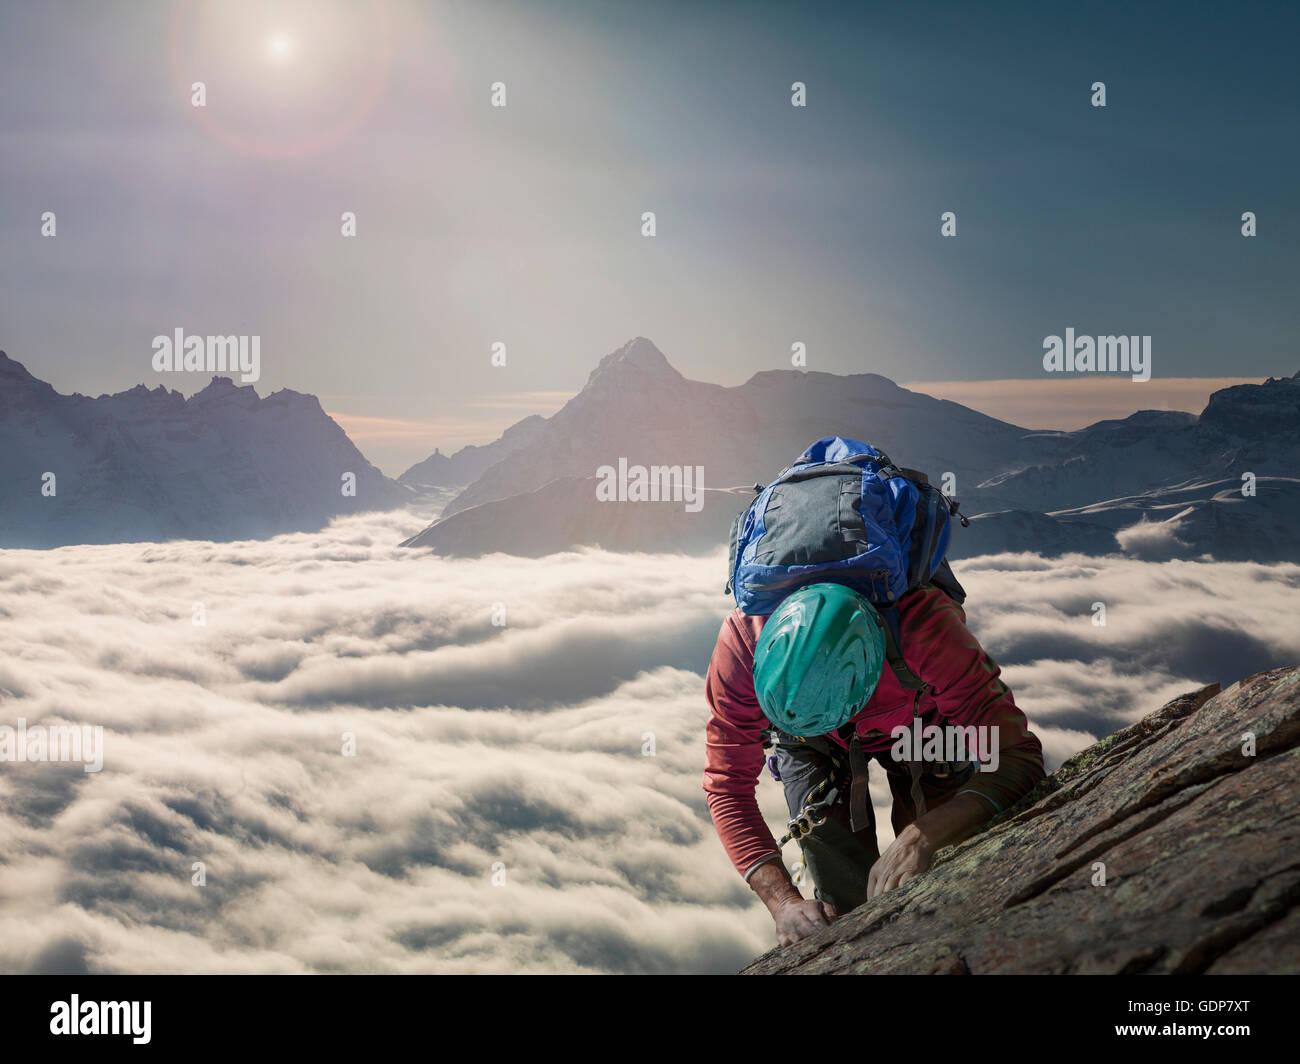 Bergsteiger auf einer Felswand über ein Nebelmeer in ein Alpental, Alpen, Kanton Wallis, Schweiz Stockfoto